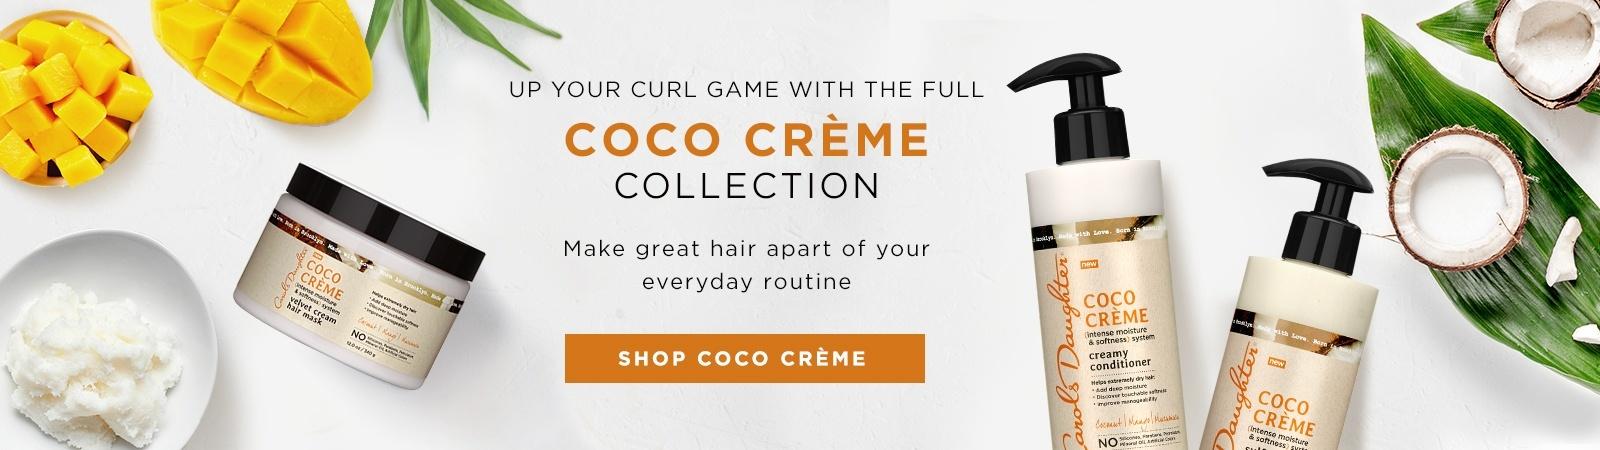 Shop Coco Creme